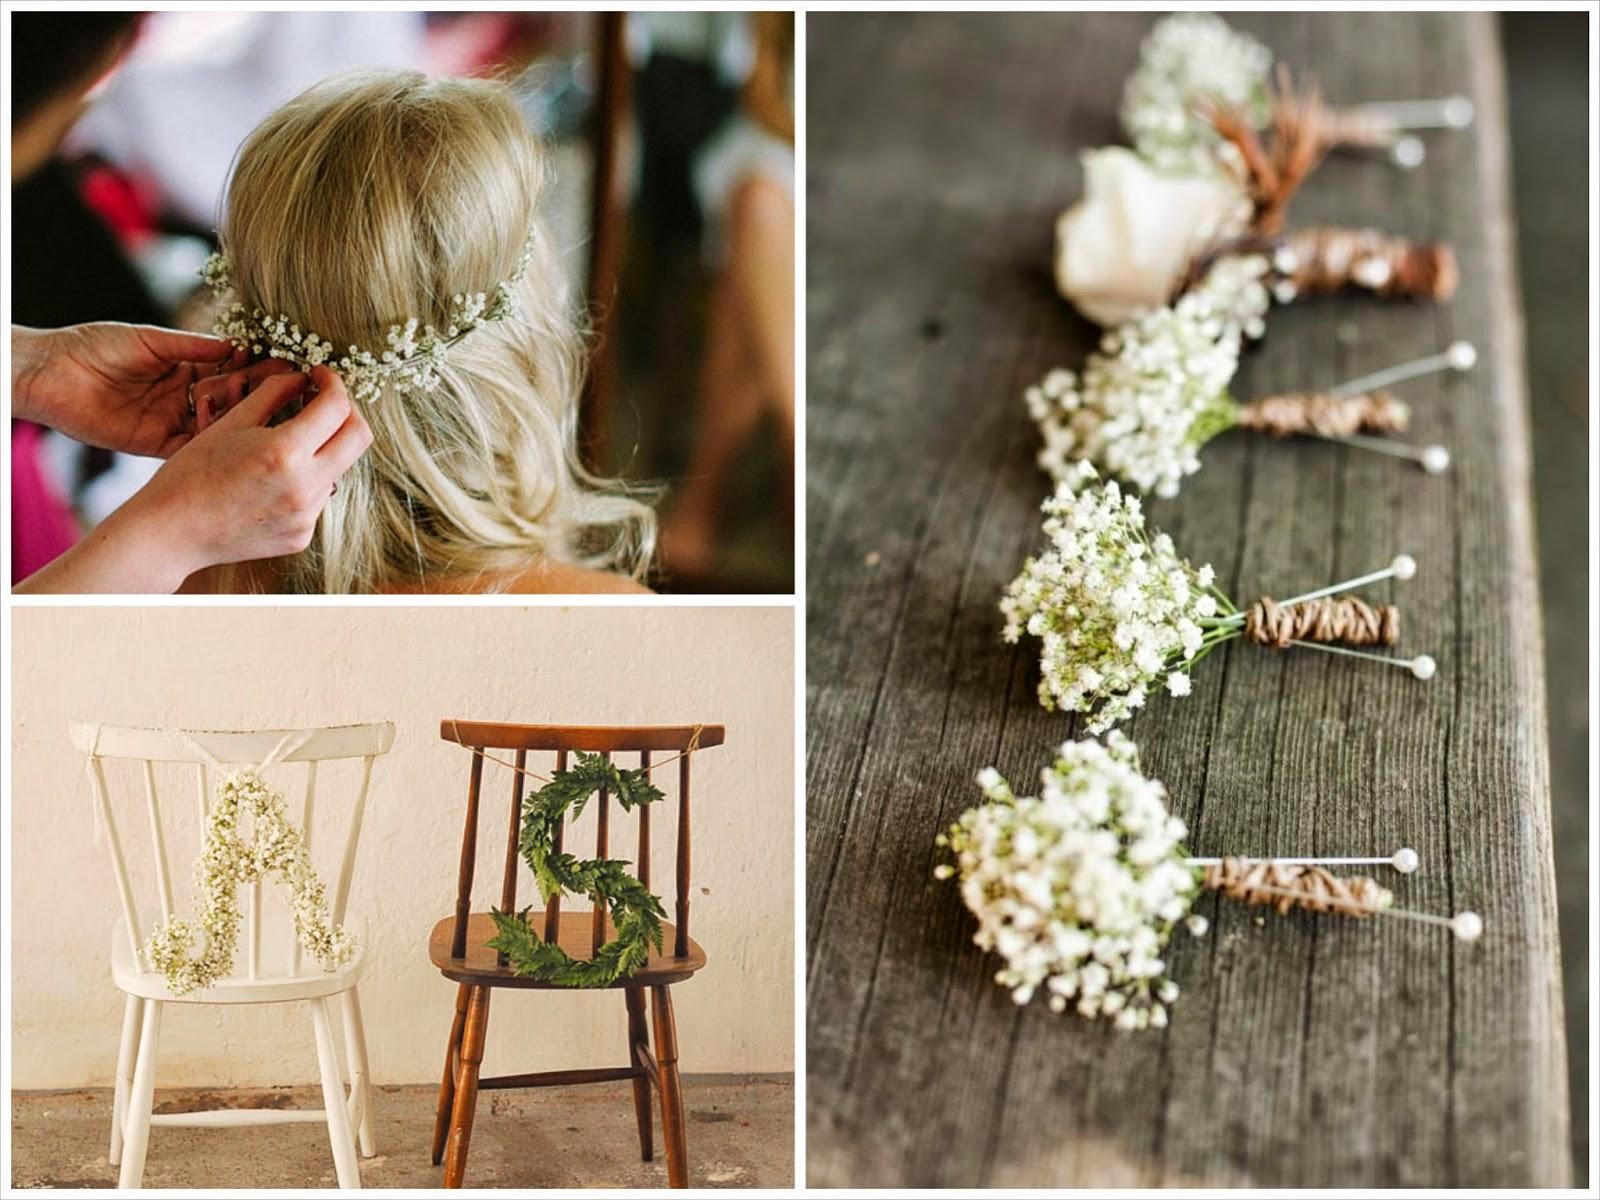 Flores El Elemento Ideal Para Tu Pastel De Bodas: Blog De Tu Día Con Amor Invitaciones Y Detalles De Boda